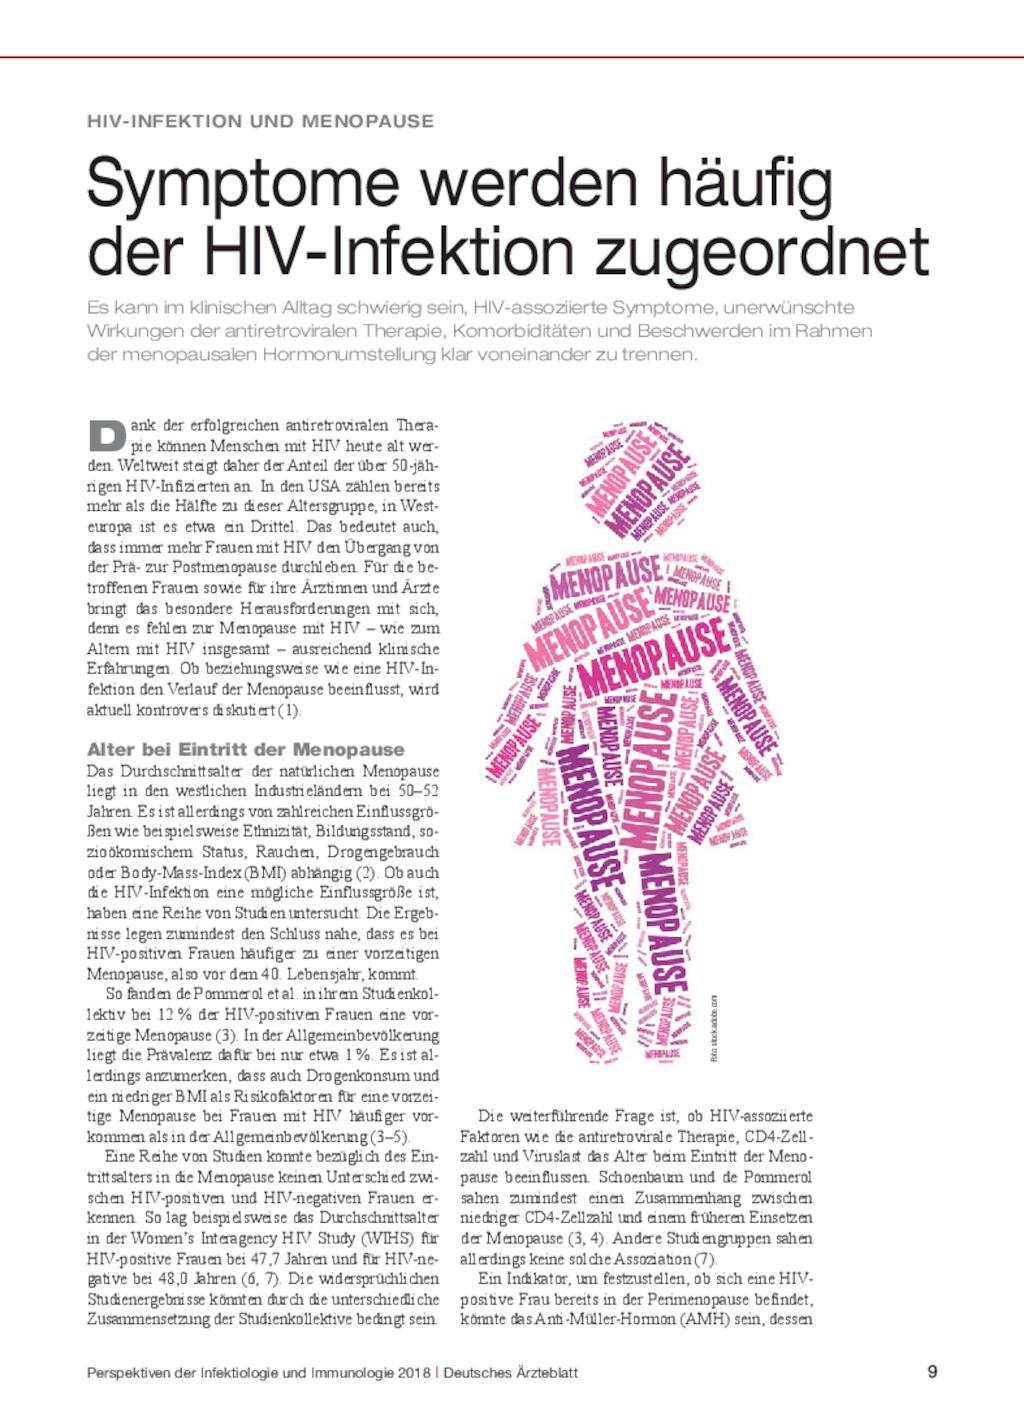 HIV ORALVERKEHR BEI DER FRAU